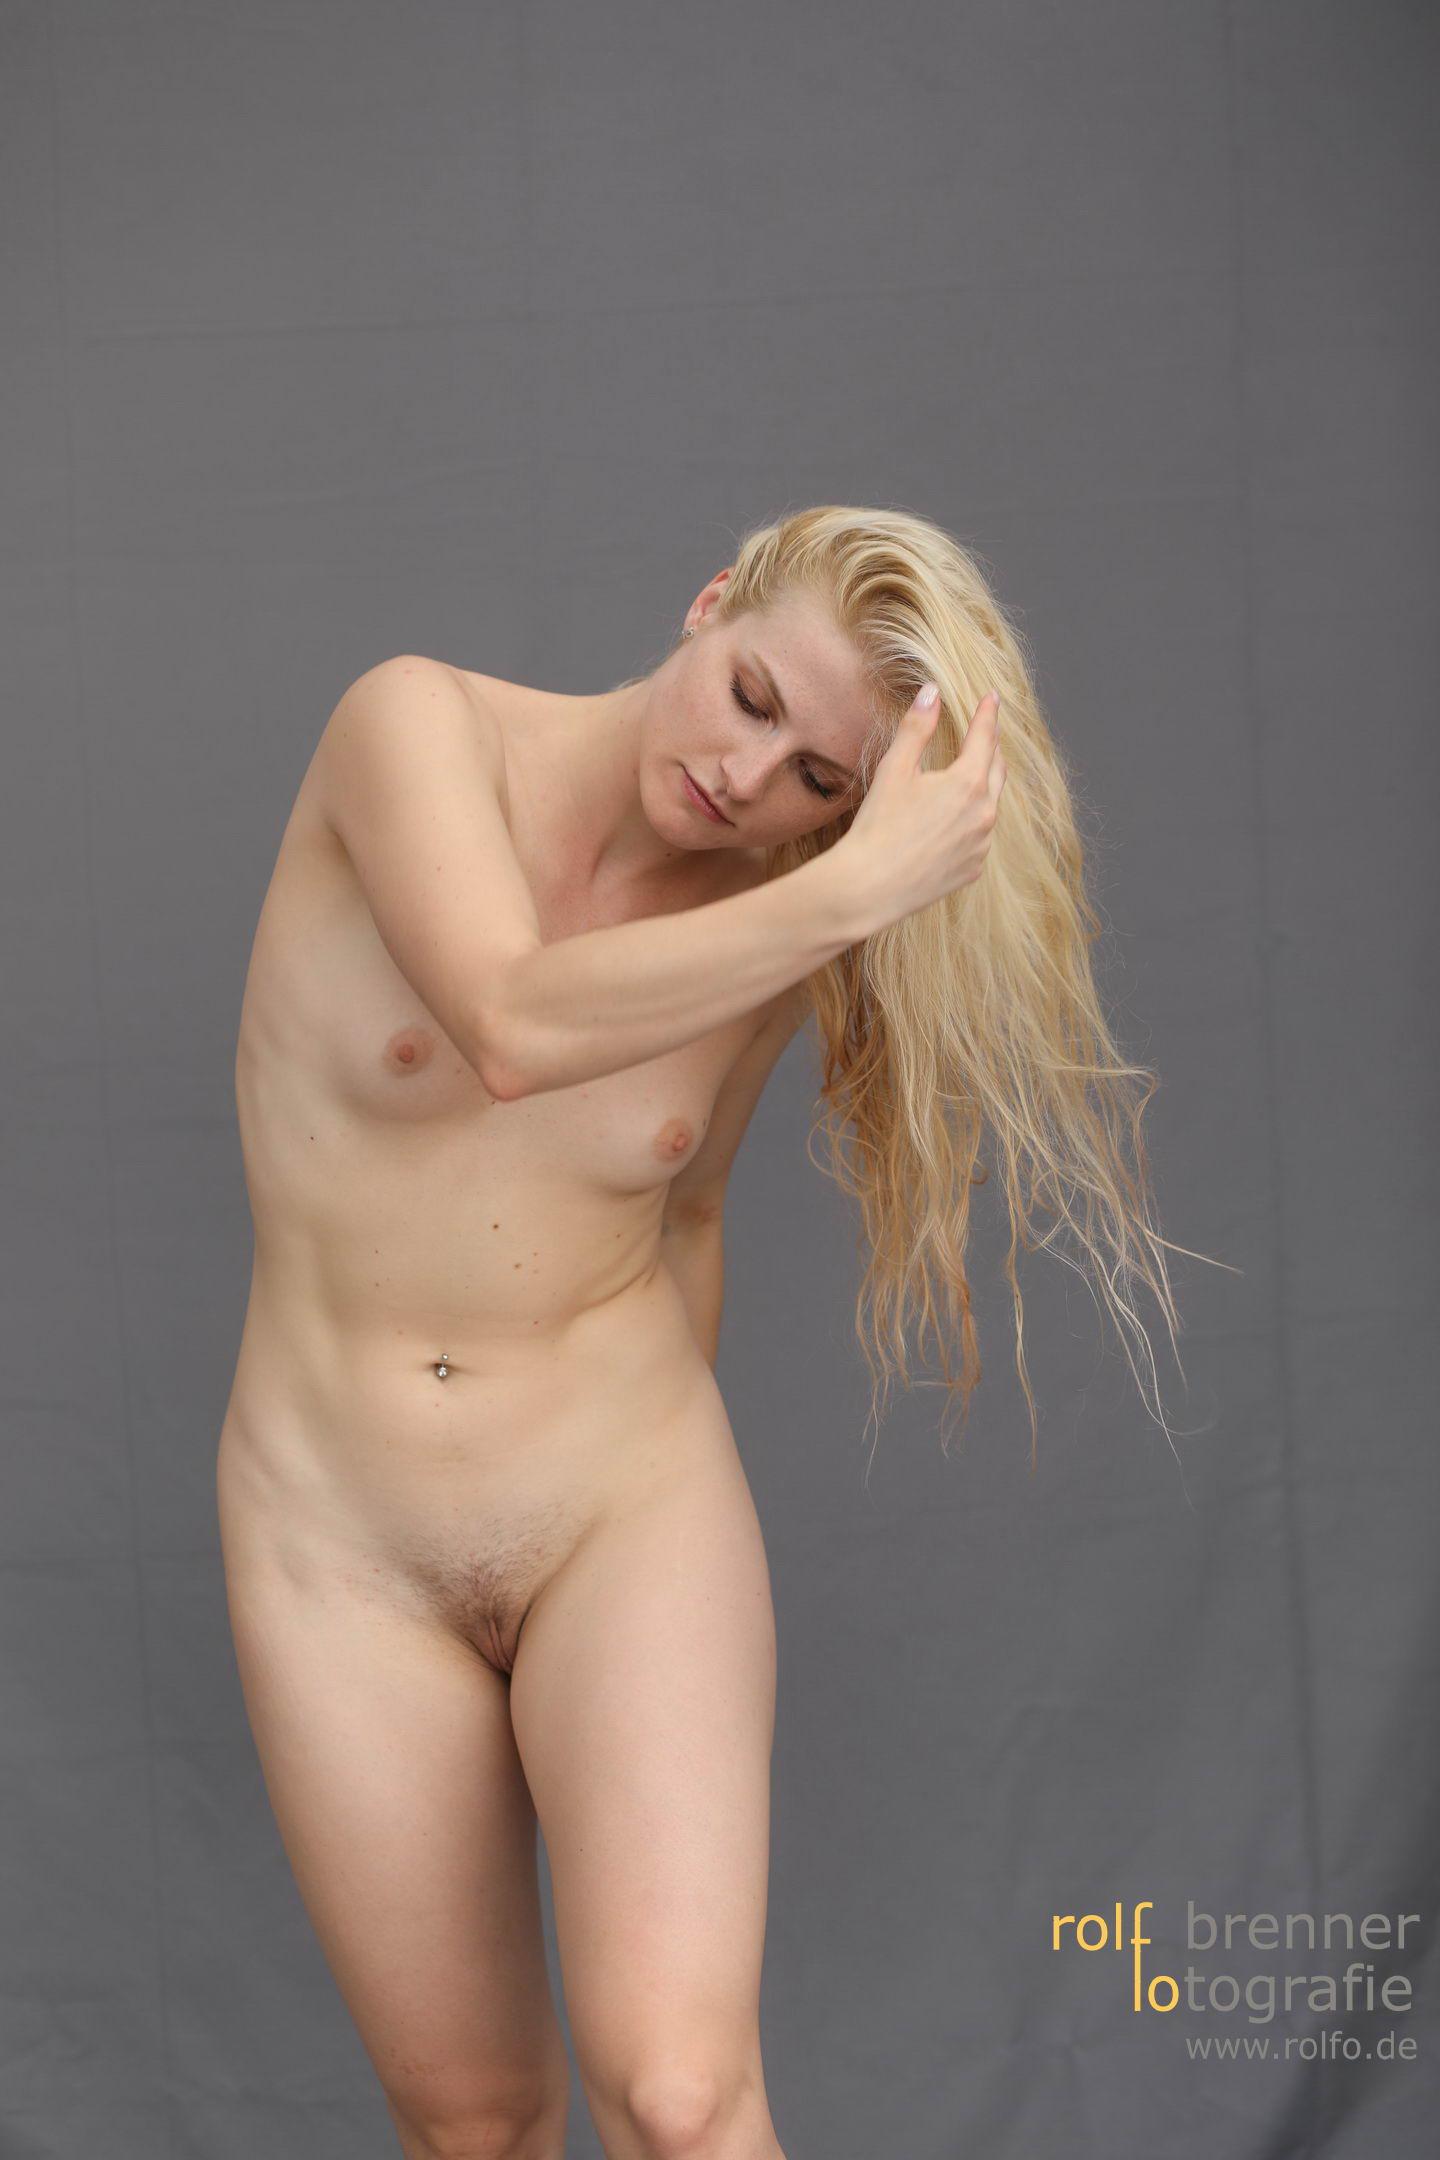 Schöne nackte blonde Frau